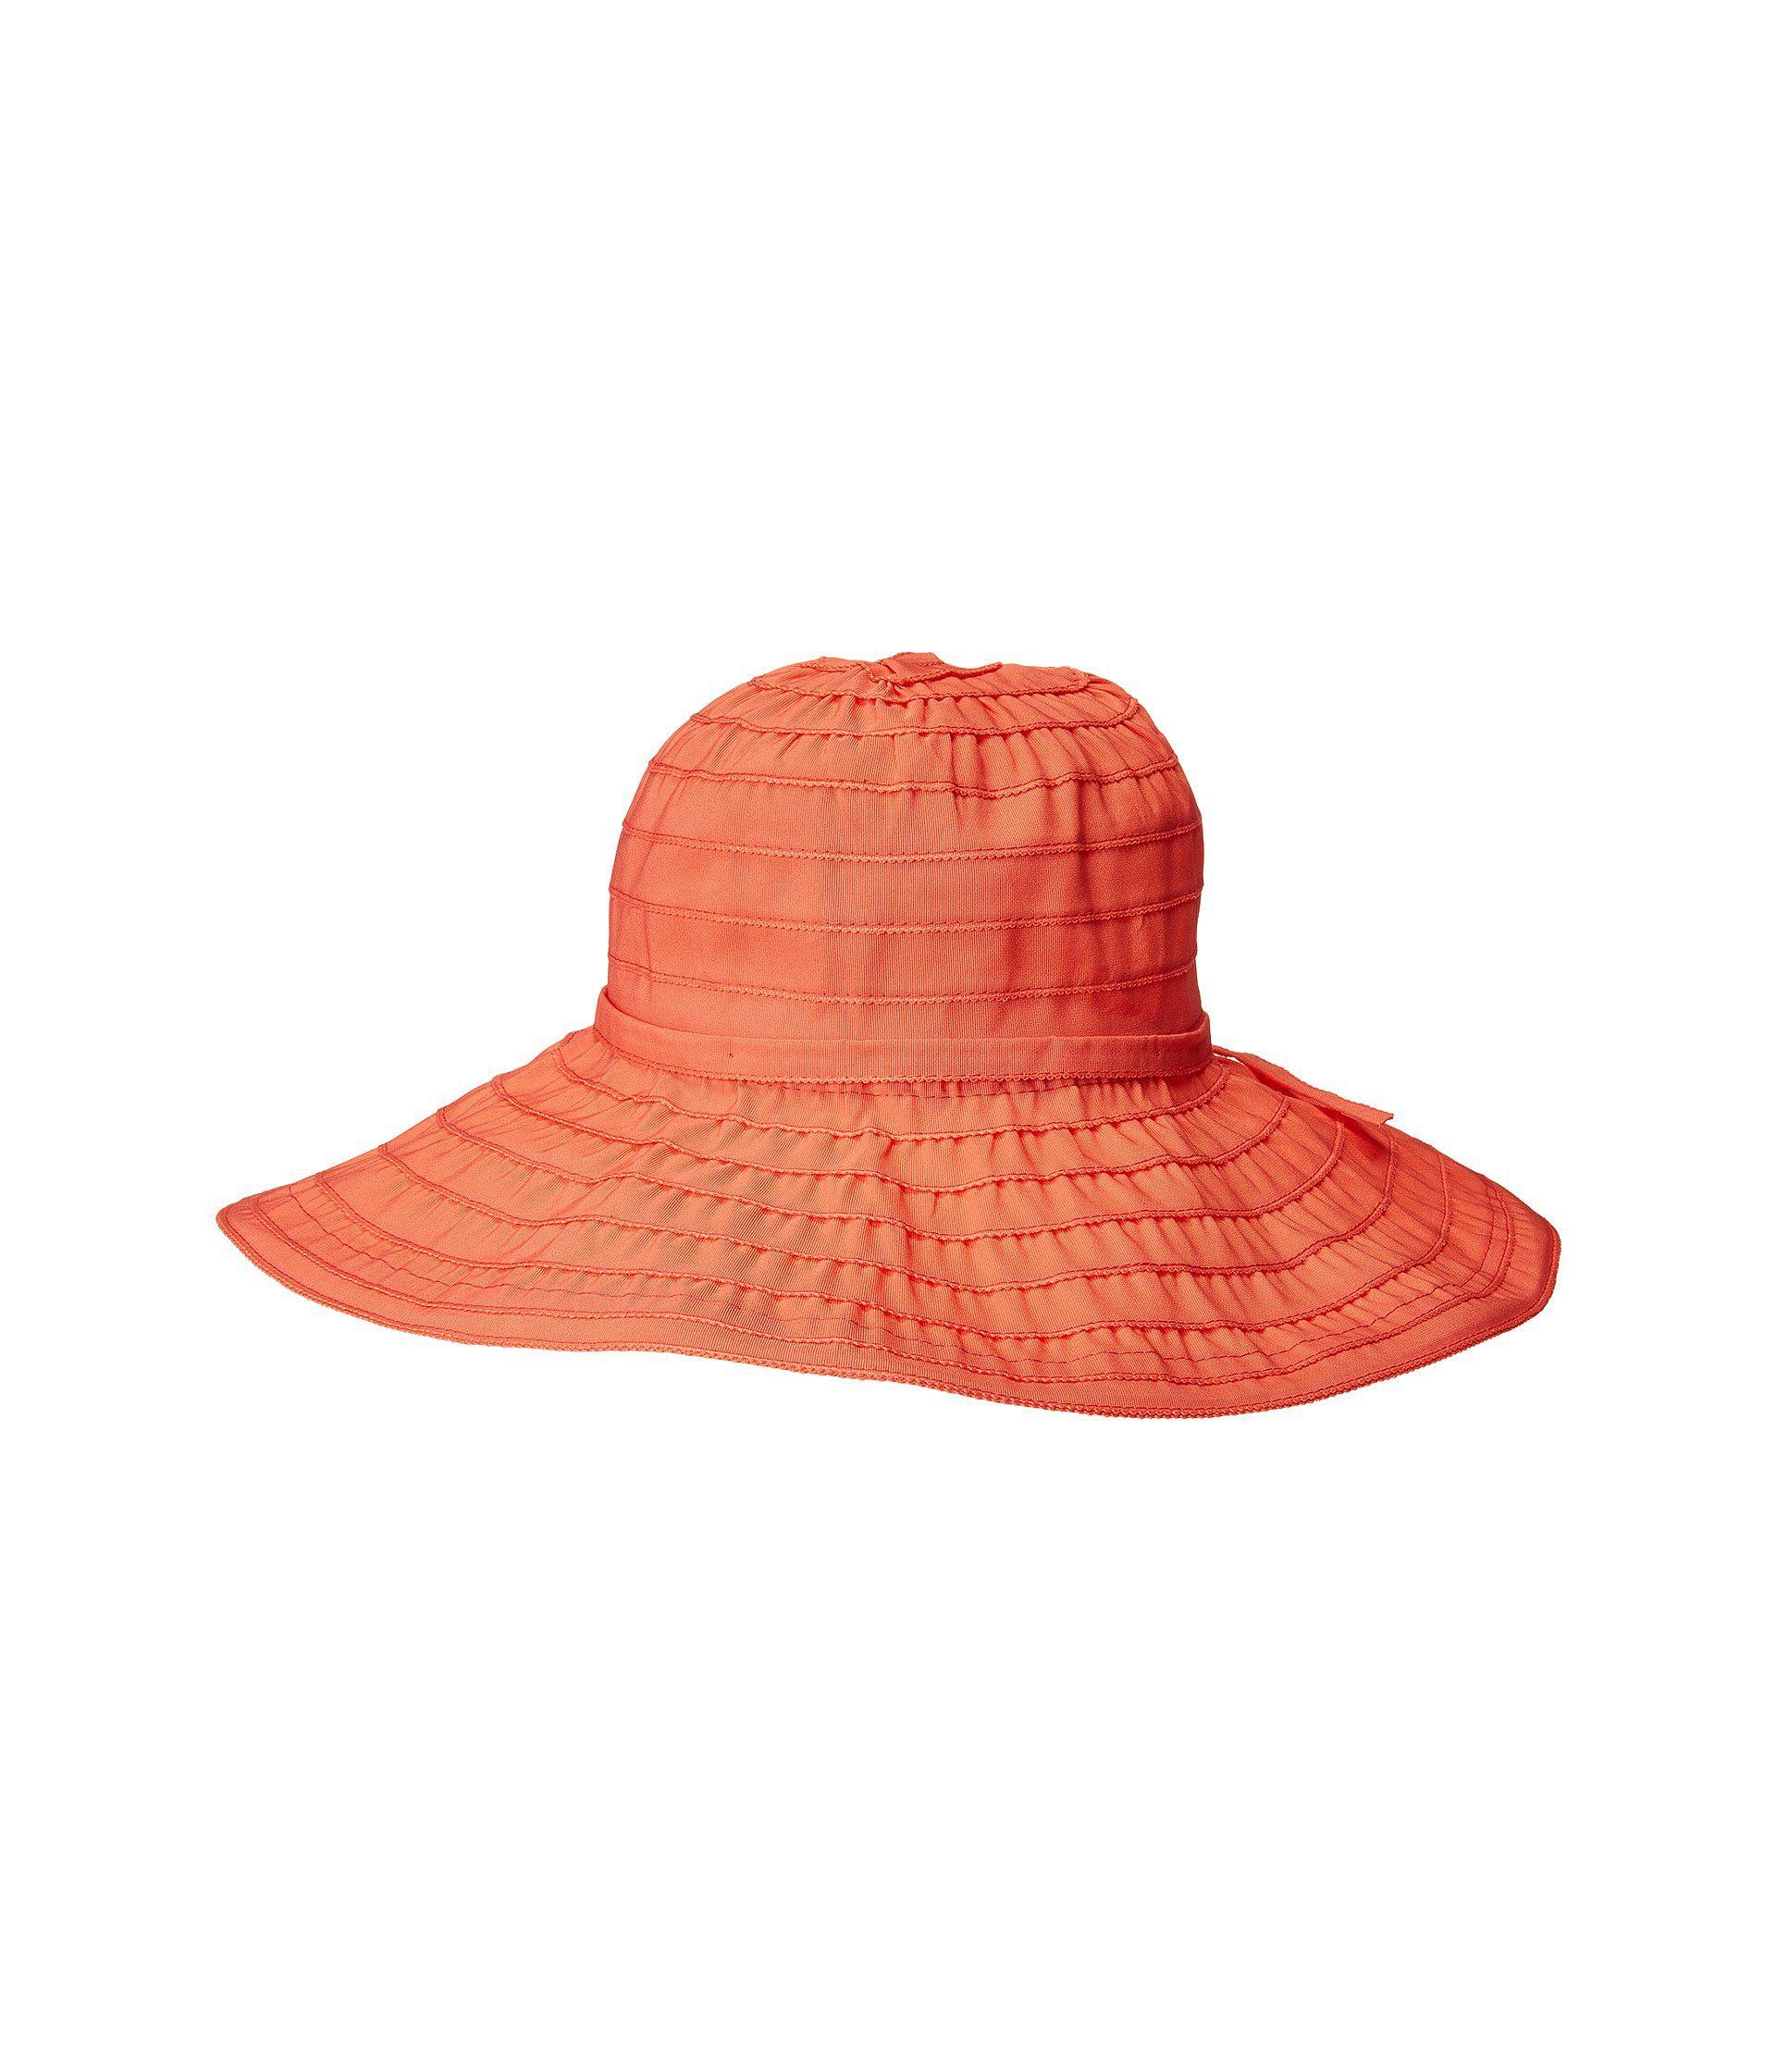 Lyst - San Diego Hat Company Rbl4770os Adjustable Tie Floppy ... 8ac8dc63fc0c